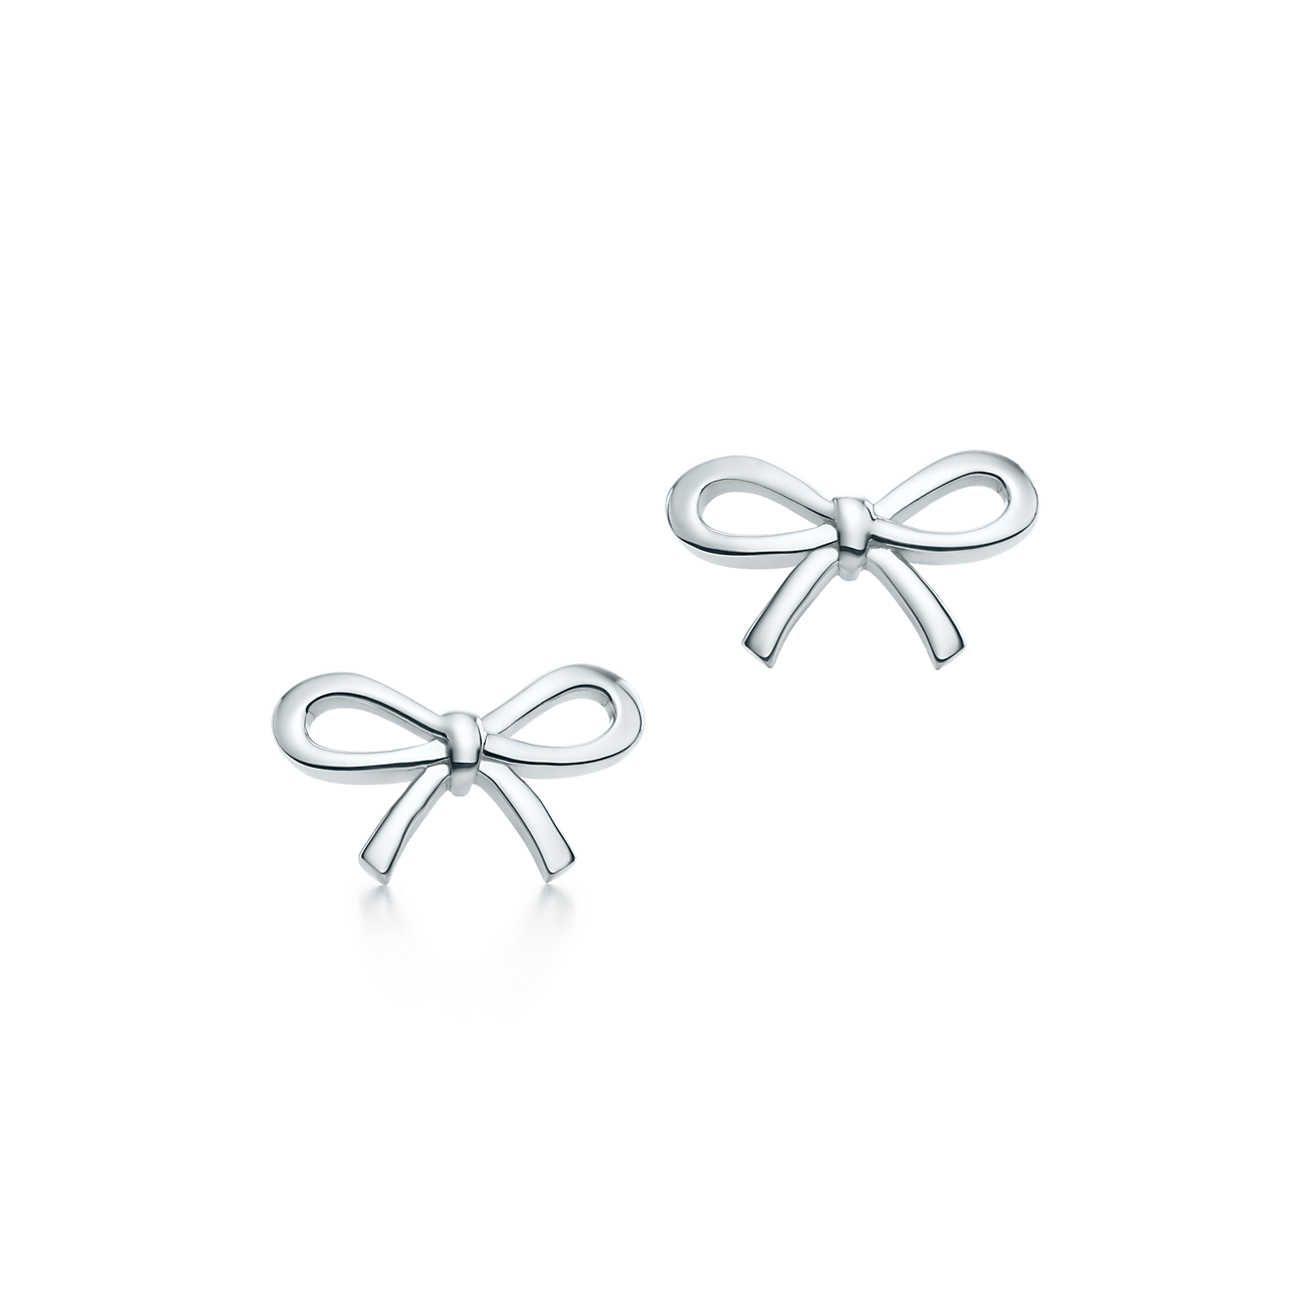 97e9df712609f Tiffany Bow:Earrings | I want one | Tiffany earrings, Bow earrings ...